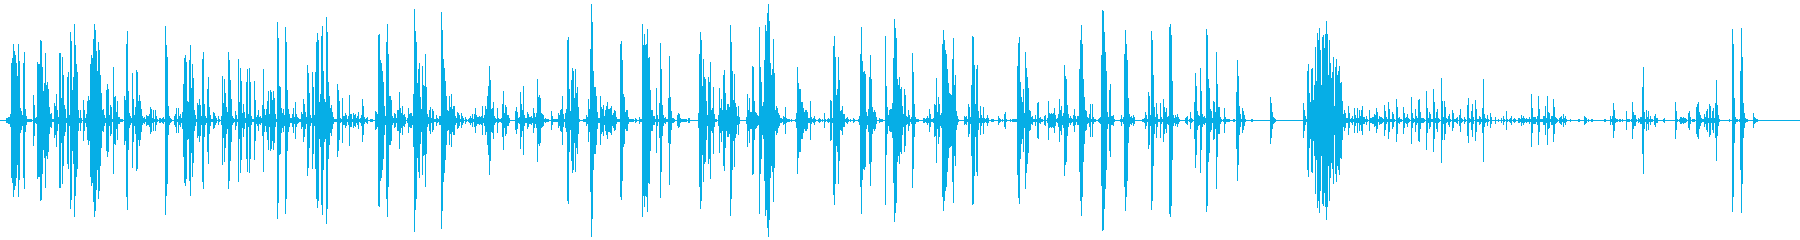 家庭 カップガラガラハード03の再生済みの波形